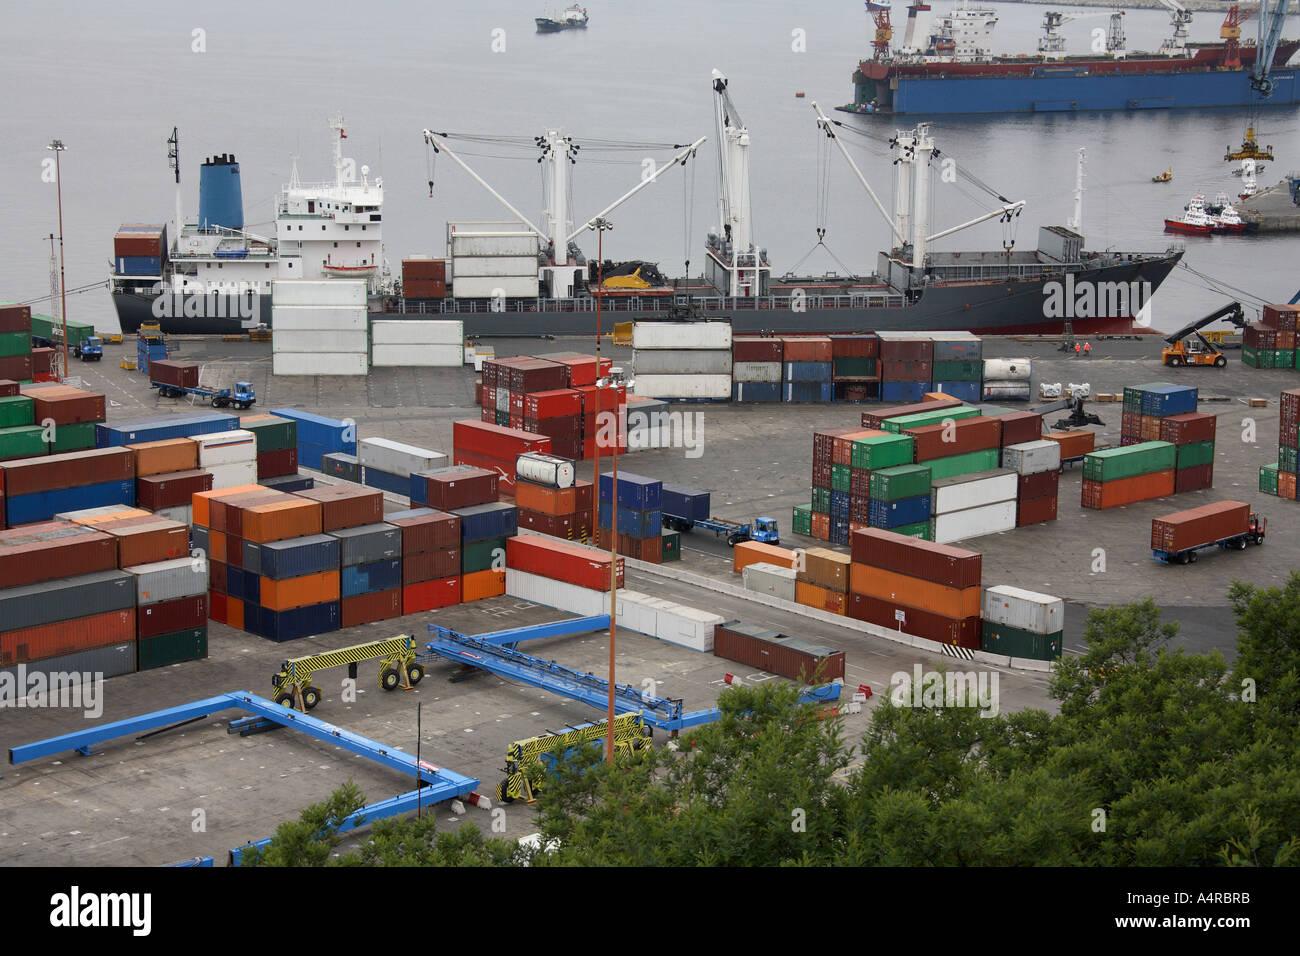 Container-Schiff und Hafen voller Seecontainer in einem belebten Containerhafen - Valparaiso in Chile Stockfoto